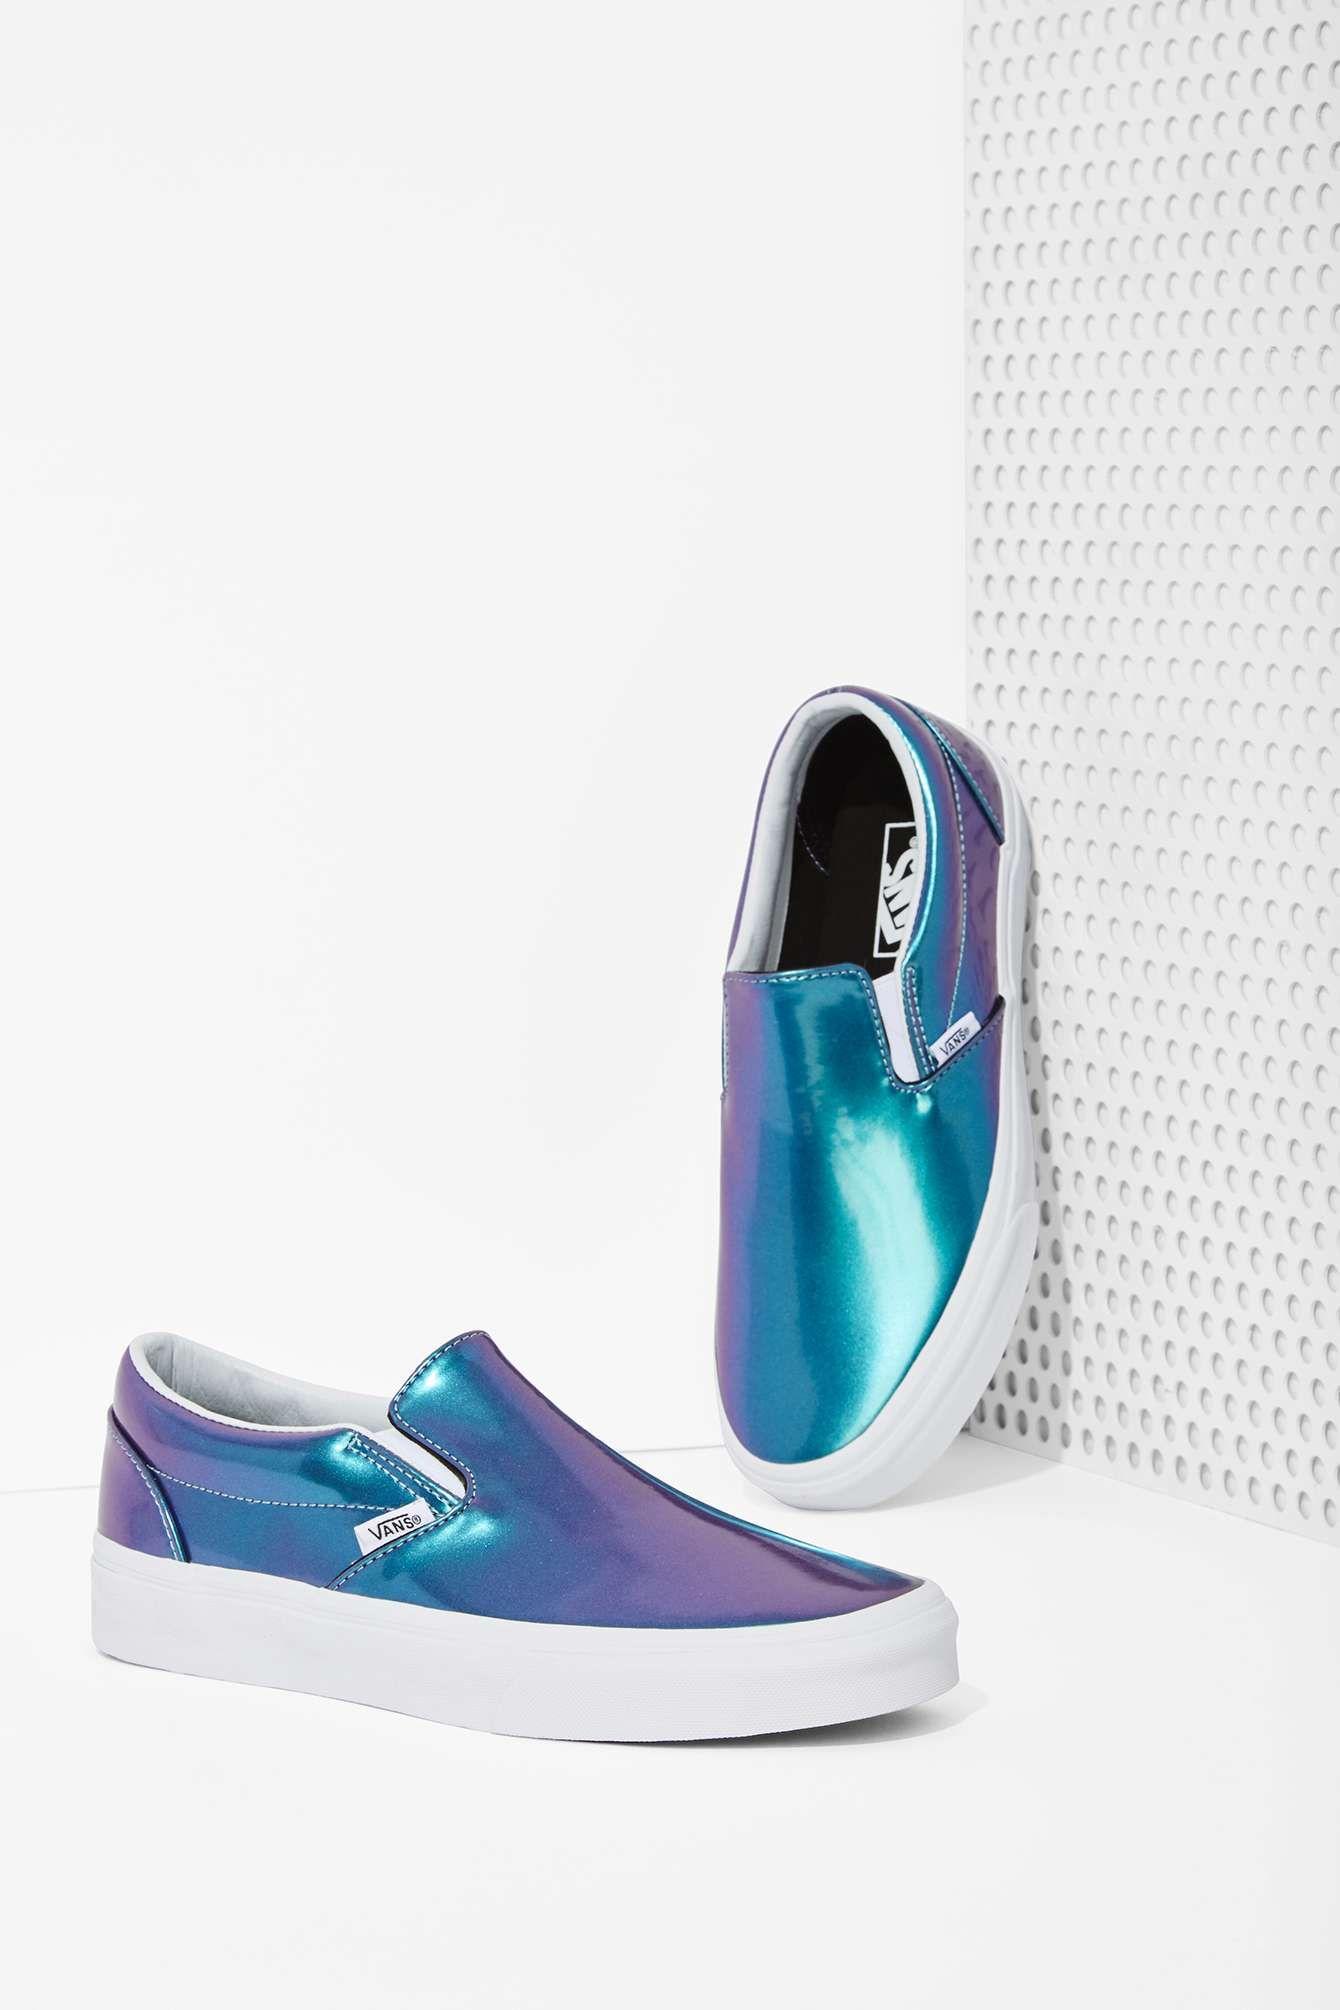 e87bd571c3 Vans Classic Slip-On Sneaker - Iridescent